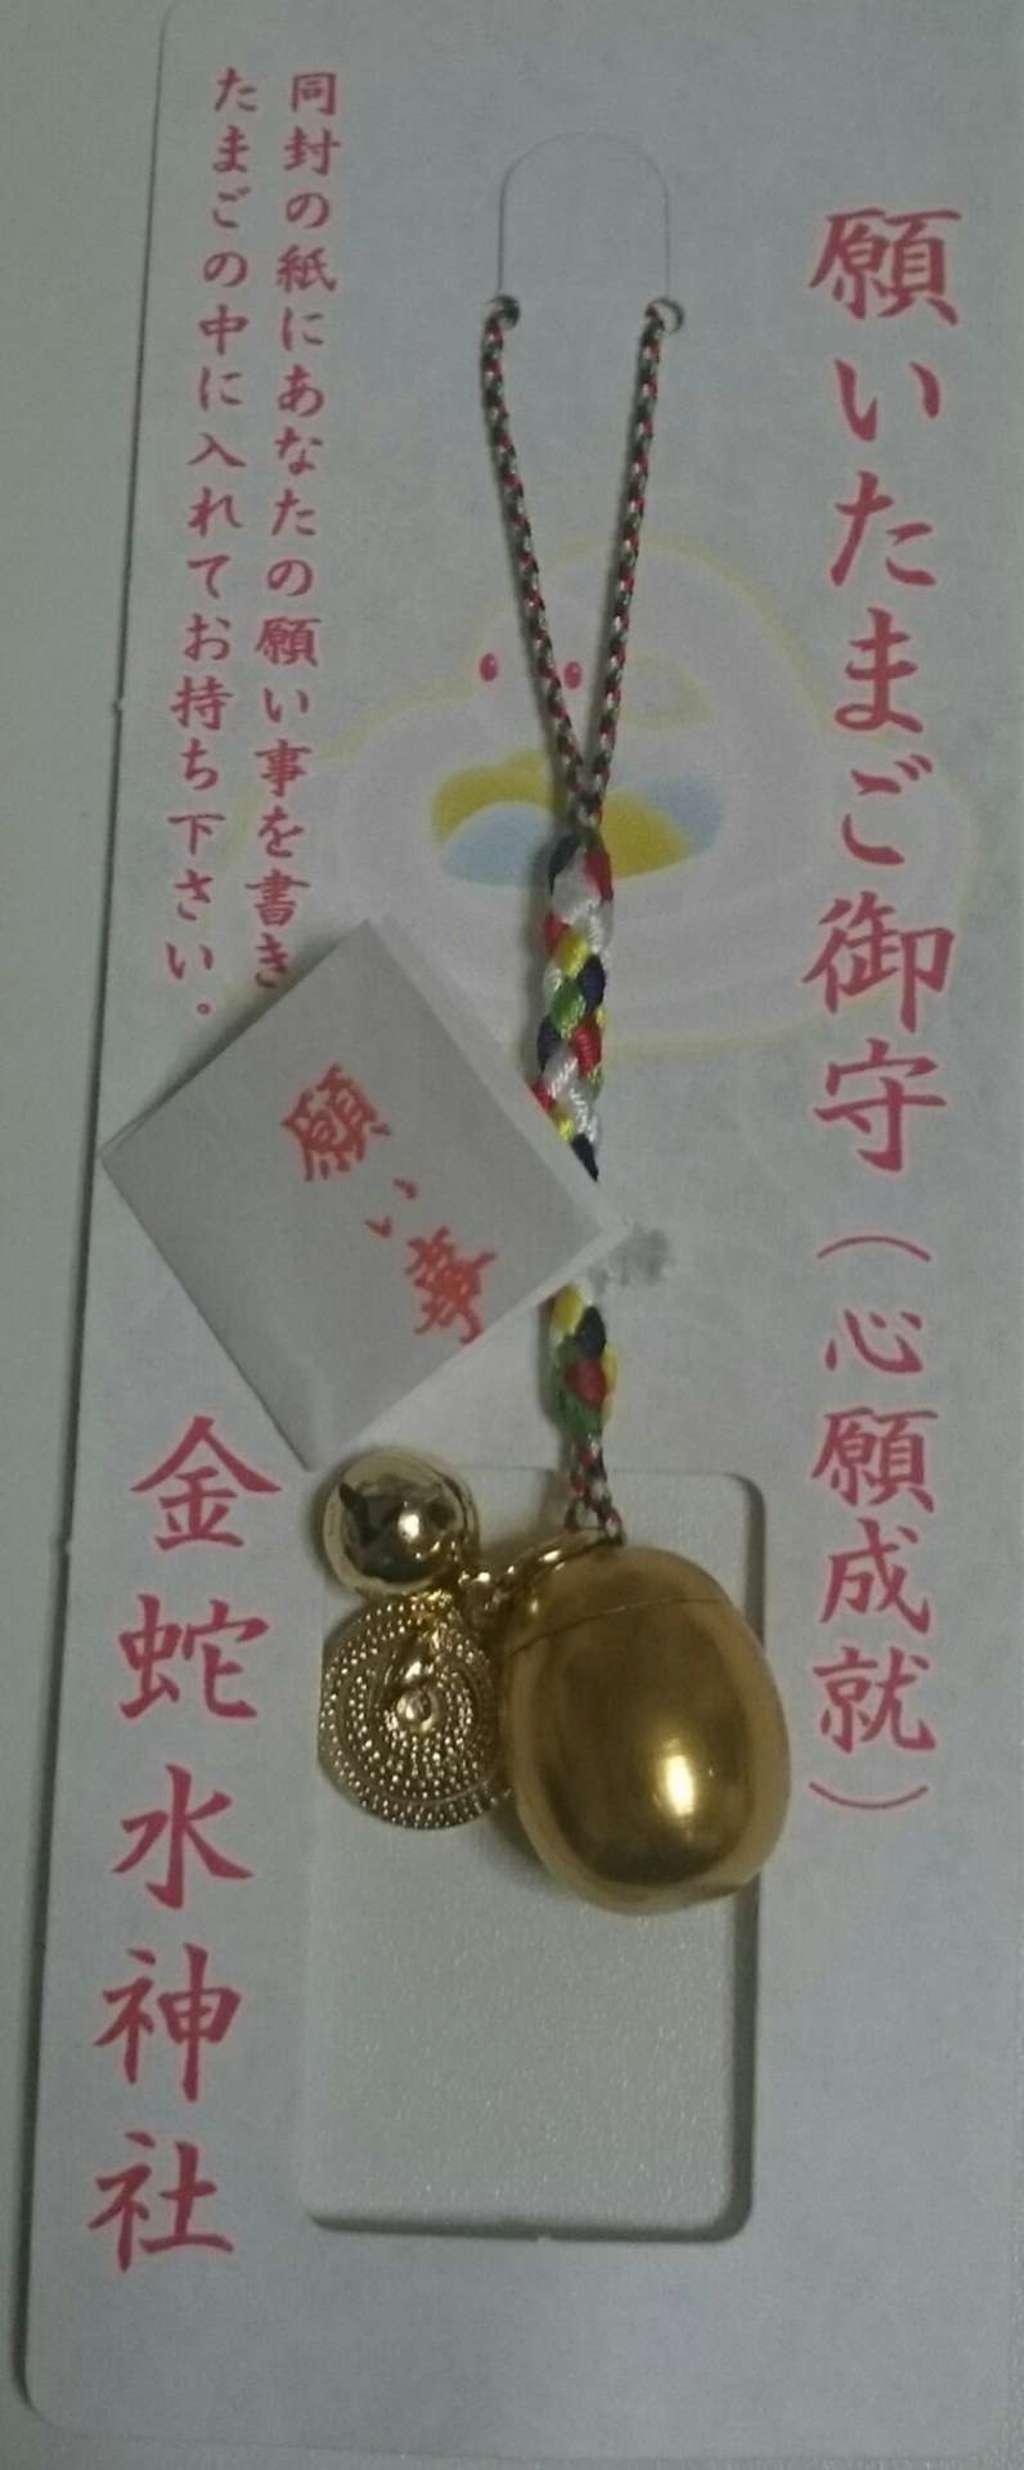 金蛇水神社のお守り